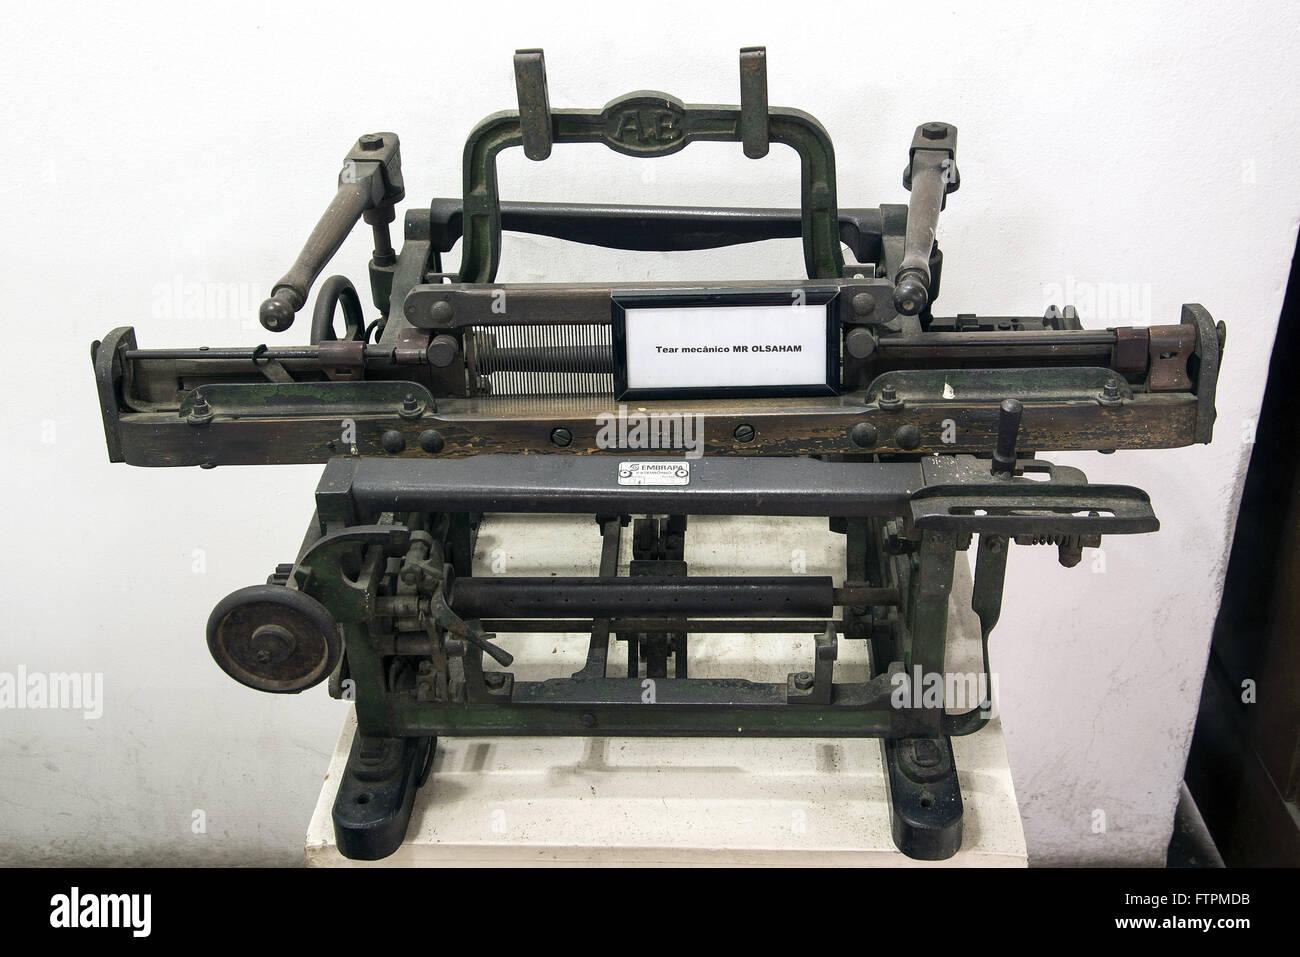 Tear mecanico no Museu do Algodao - Stock Image